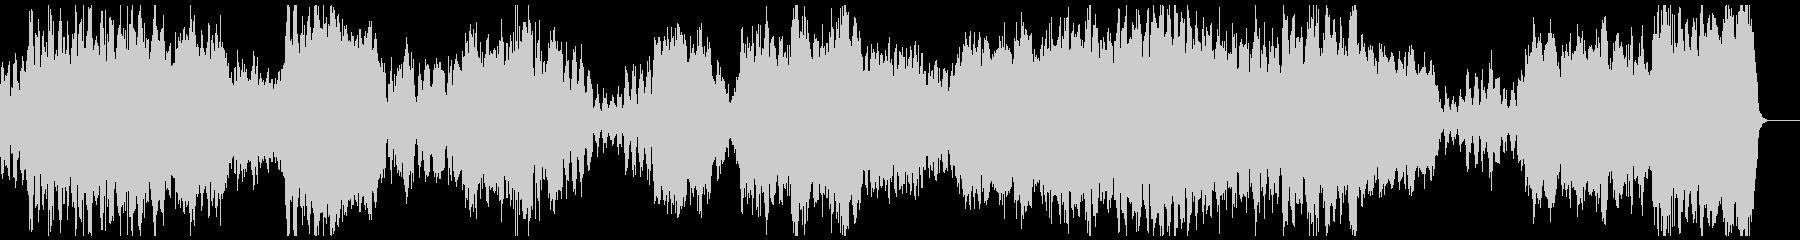 BWV1070/5『カプリチオ』の未再生の波形